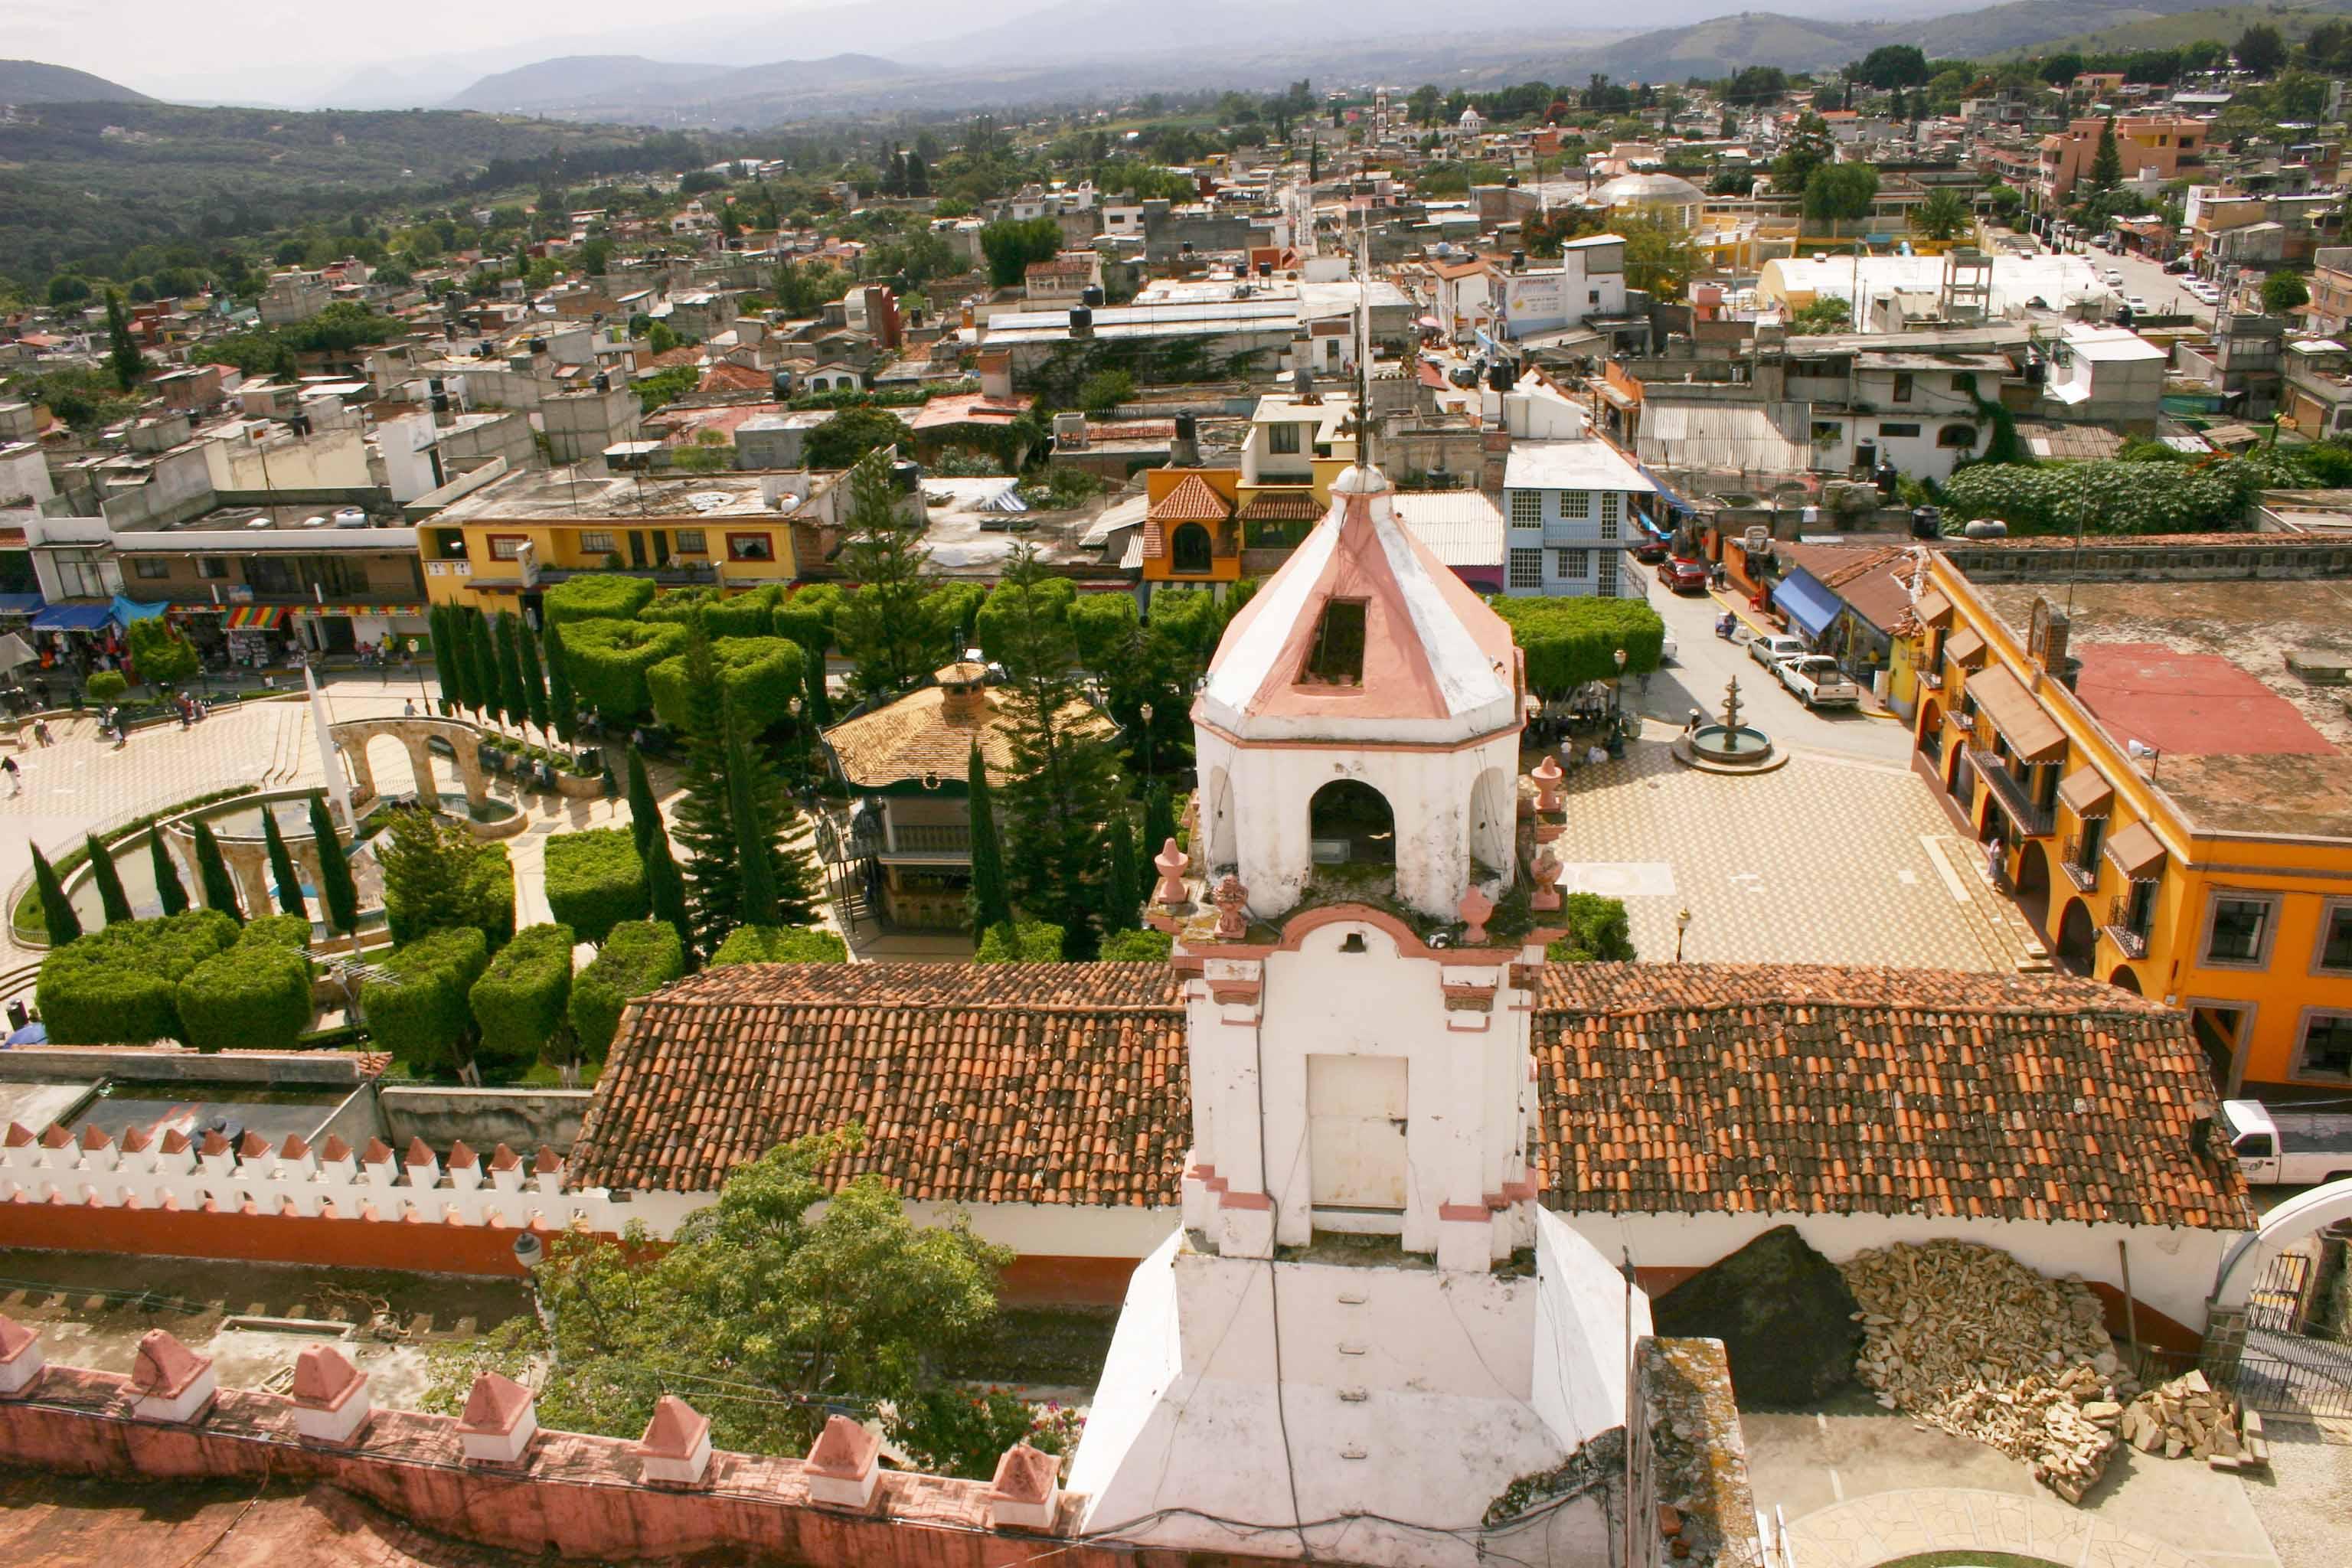 La nueva casa destapada está en Ixtapan de la Sal.